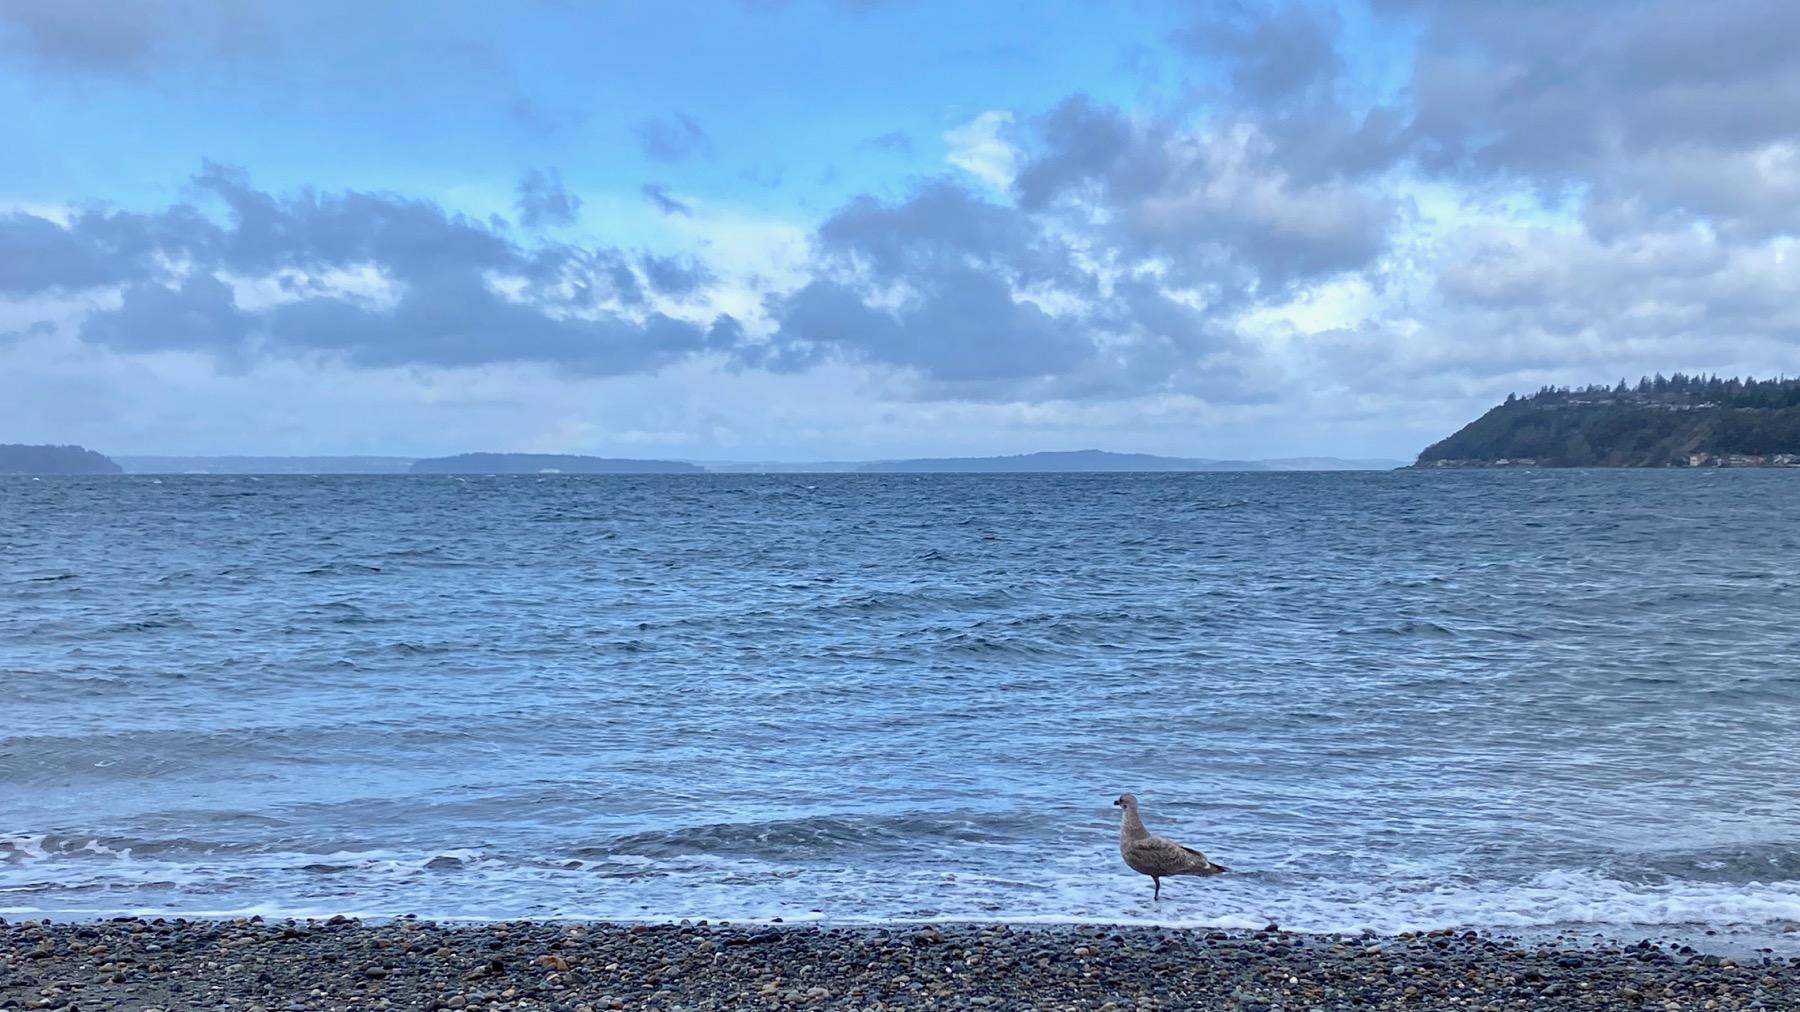 Gull beach